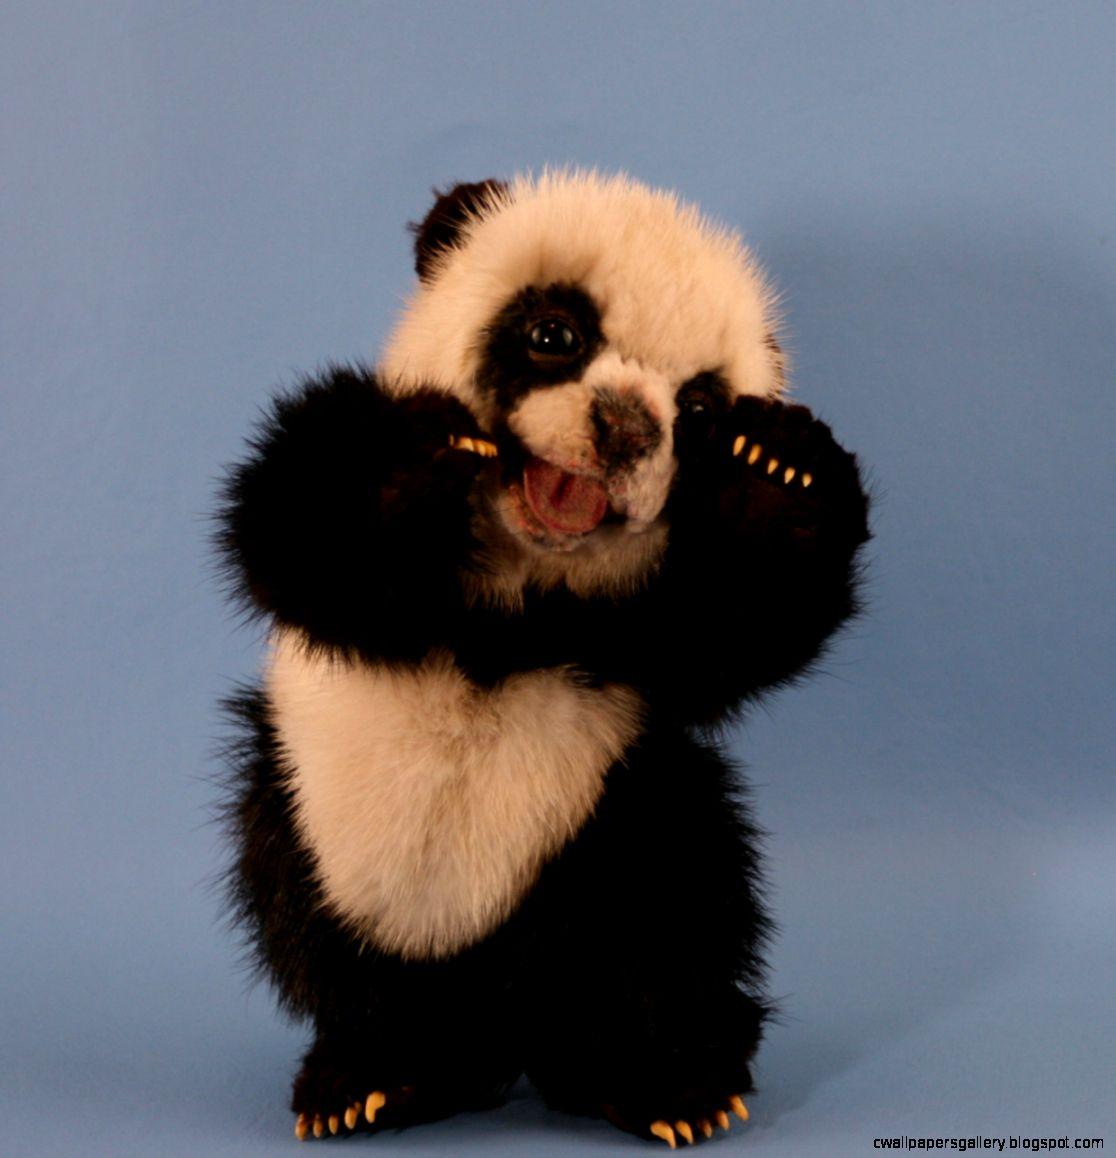 Cute Baby Panda Bears Wallpaper - photo#26